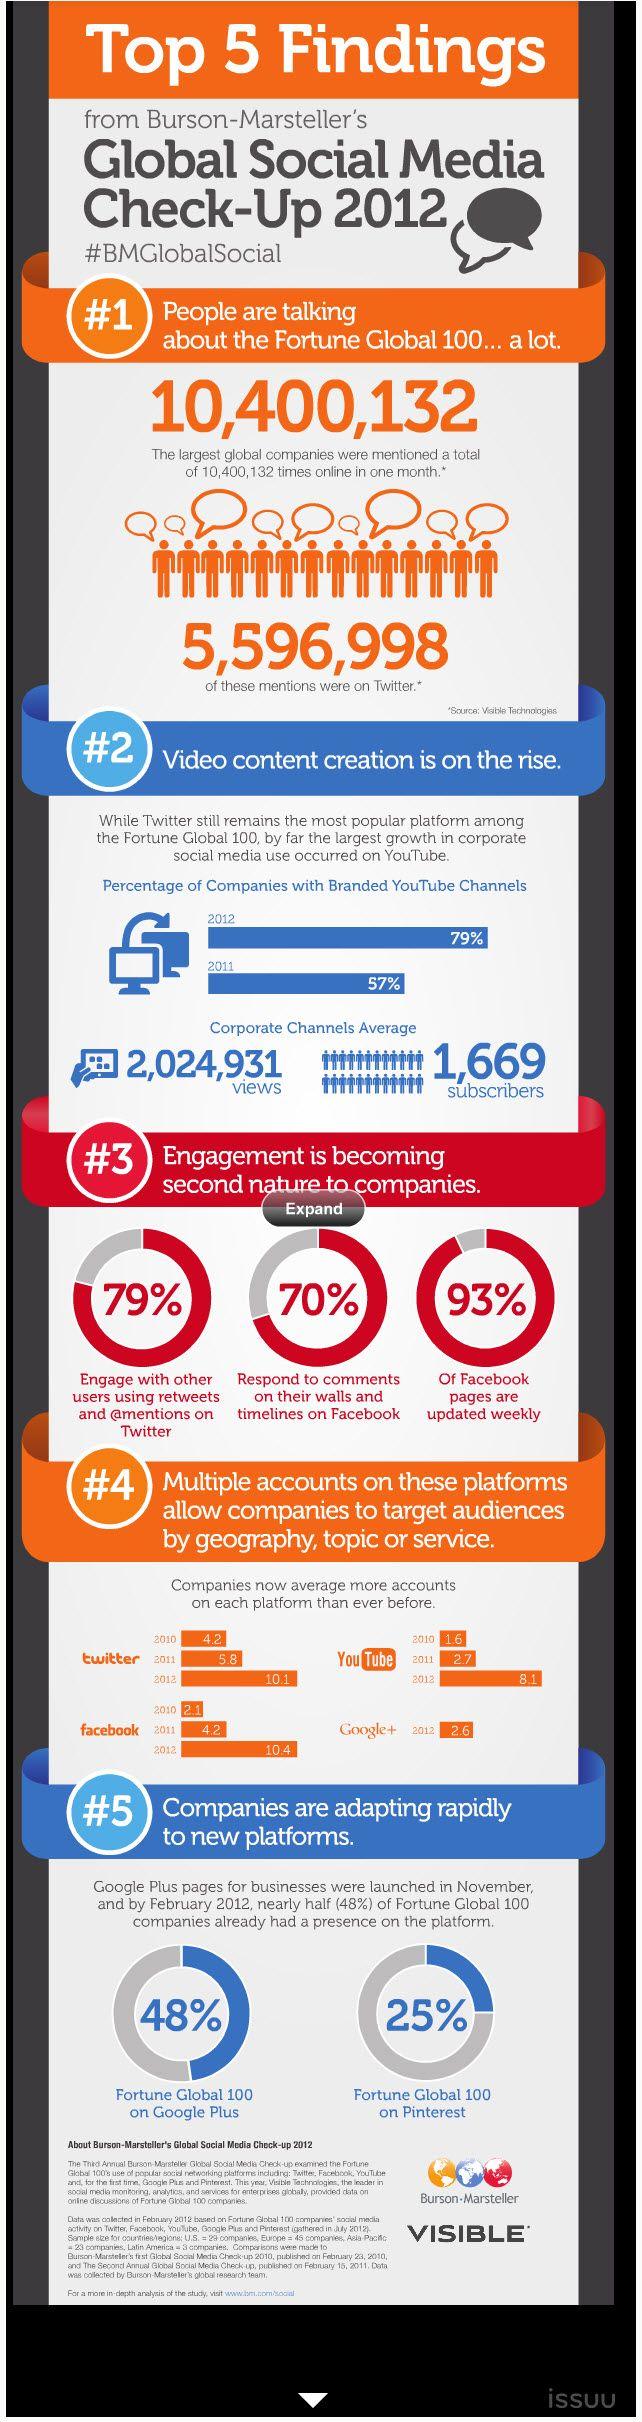 Infographic: 5 Insights into Global Social Media in 2012 / Infografía: Cinco descubrimientos sobre la adaptación de las compañías al social media en 2012.